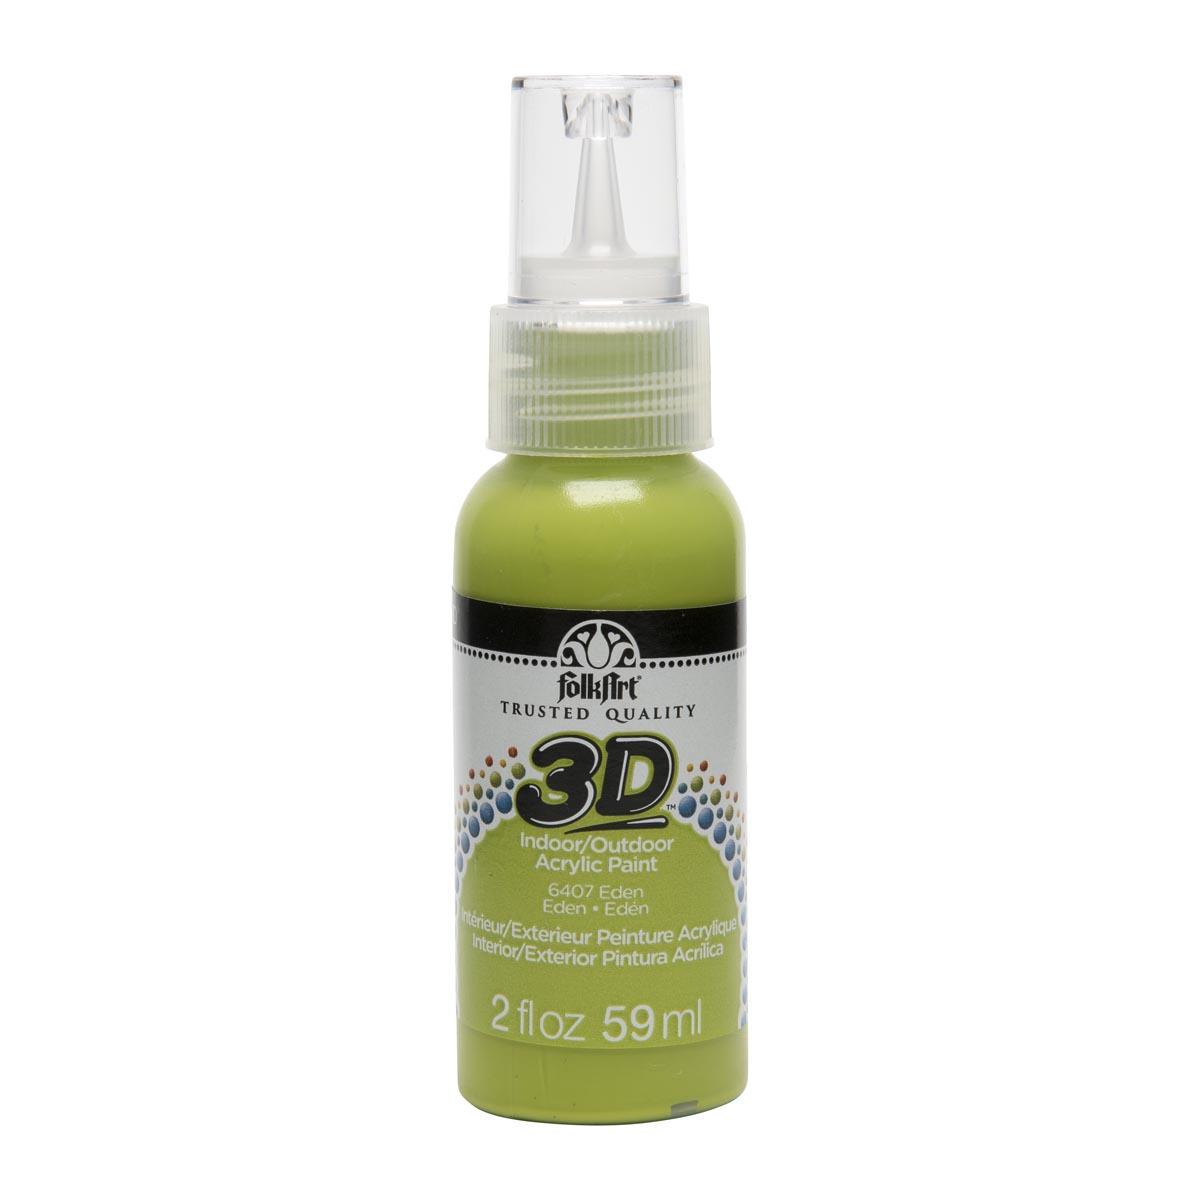 FolkArt ® 3D™ Acrylic Paint - Eden, 2 oz. - 6407